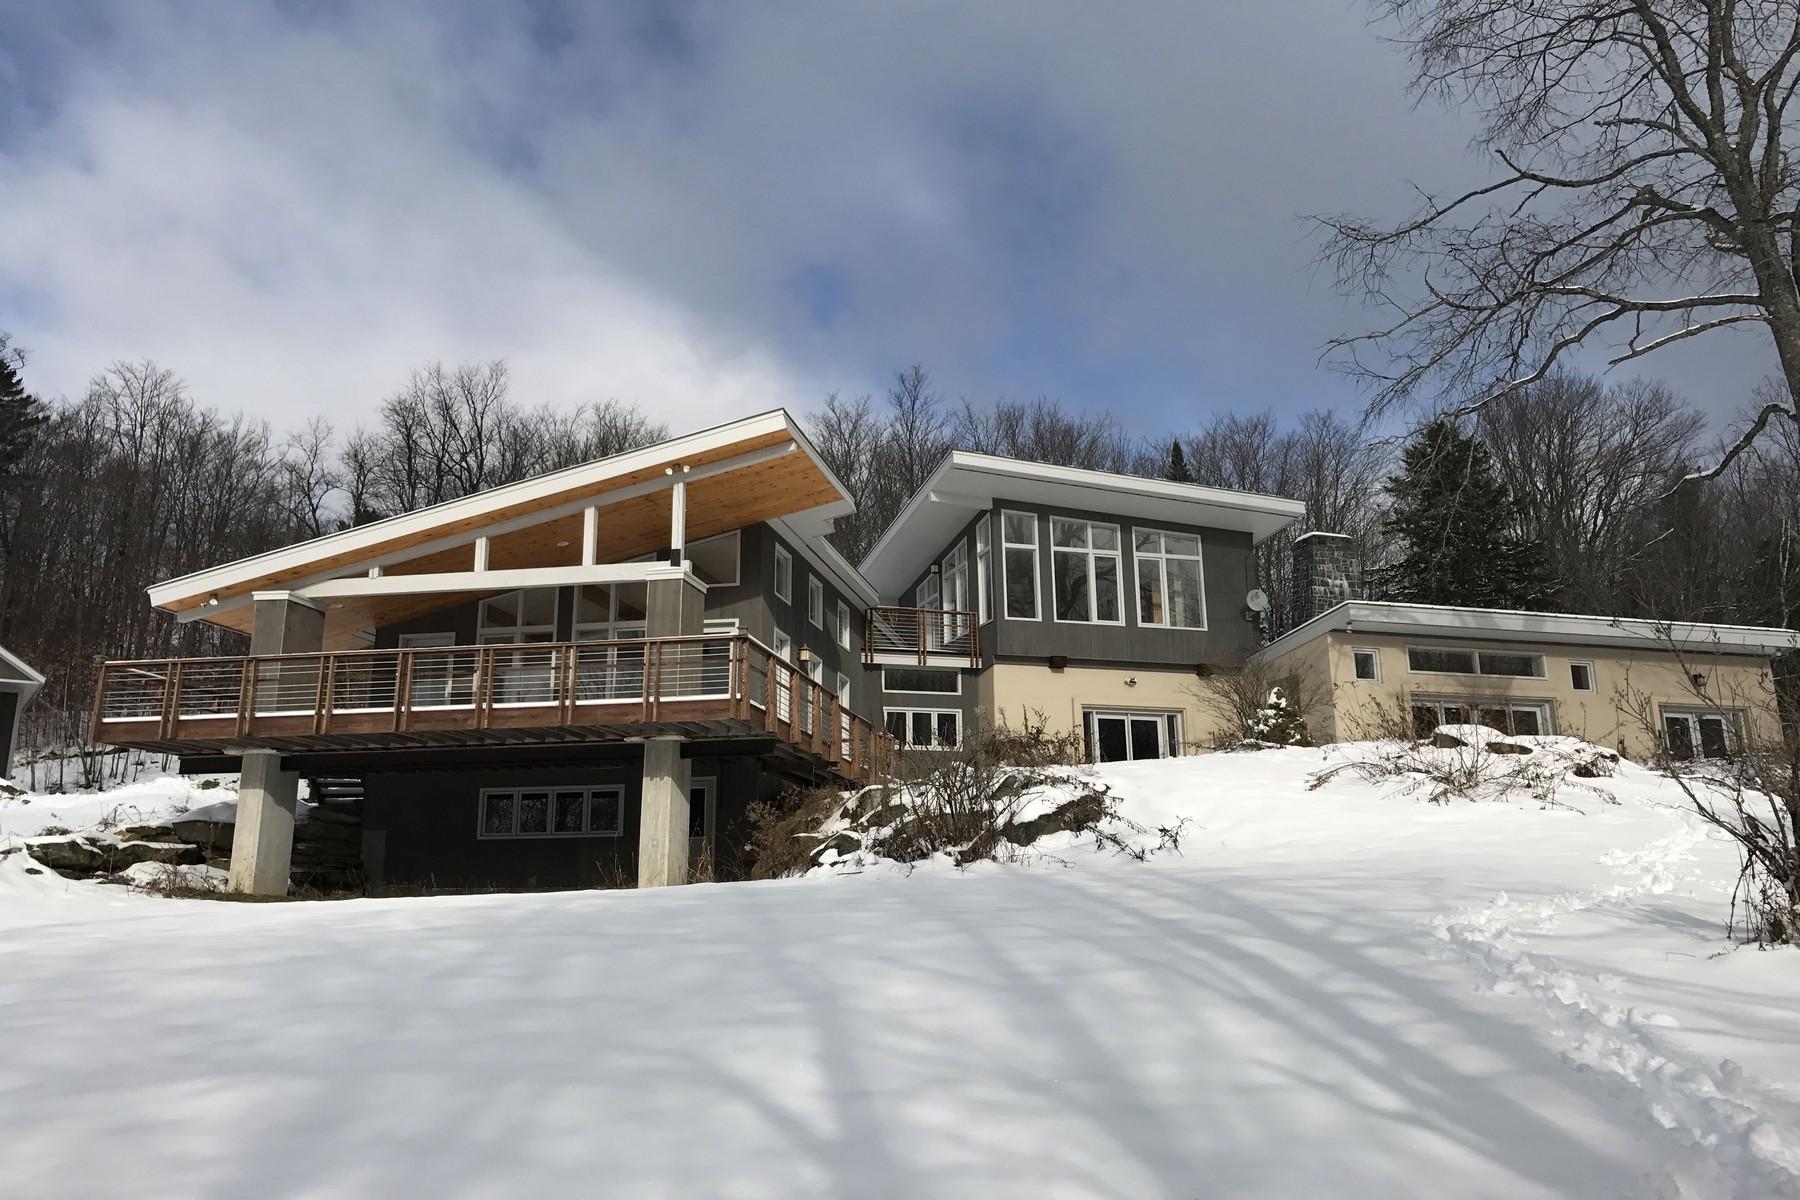 一戸建て のために 売買 アット 30+ Acre Private Estate 813 Ccc Rd Shrewsbury, バーモント, 05738 アメリカ合衆国